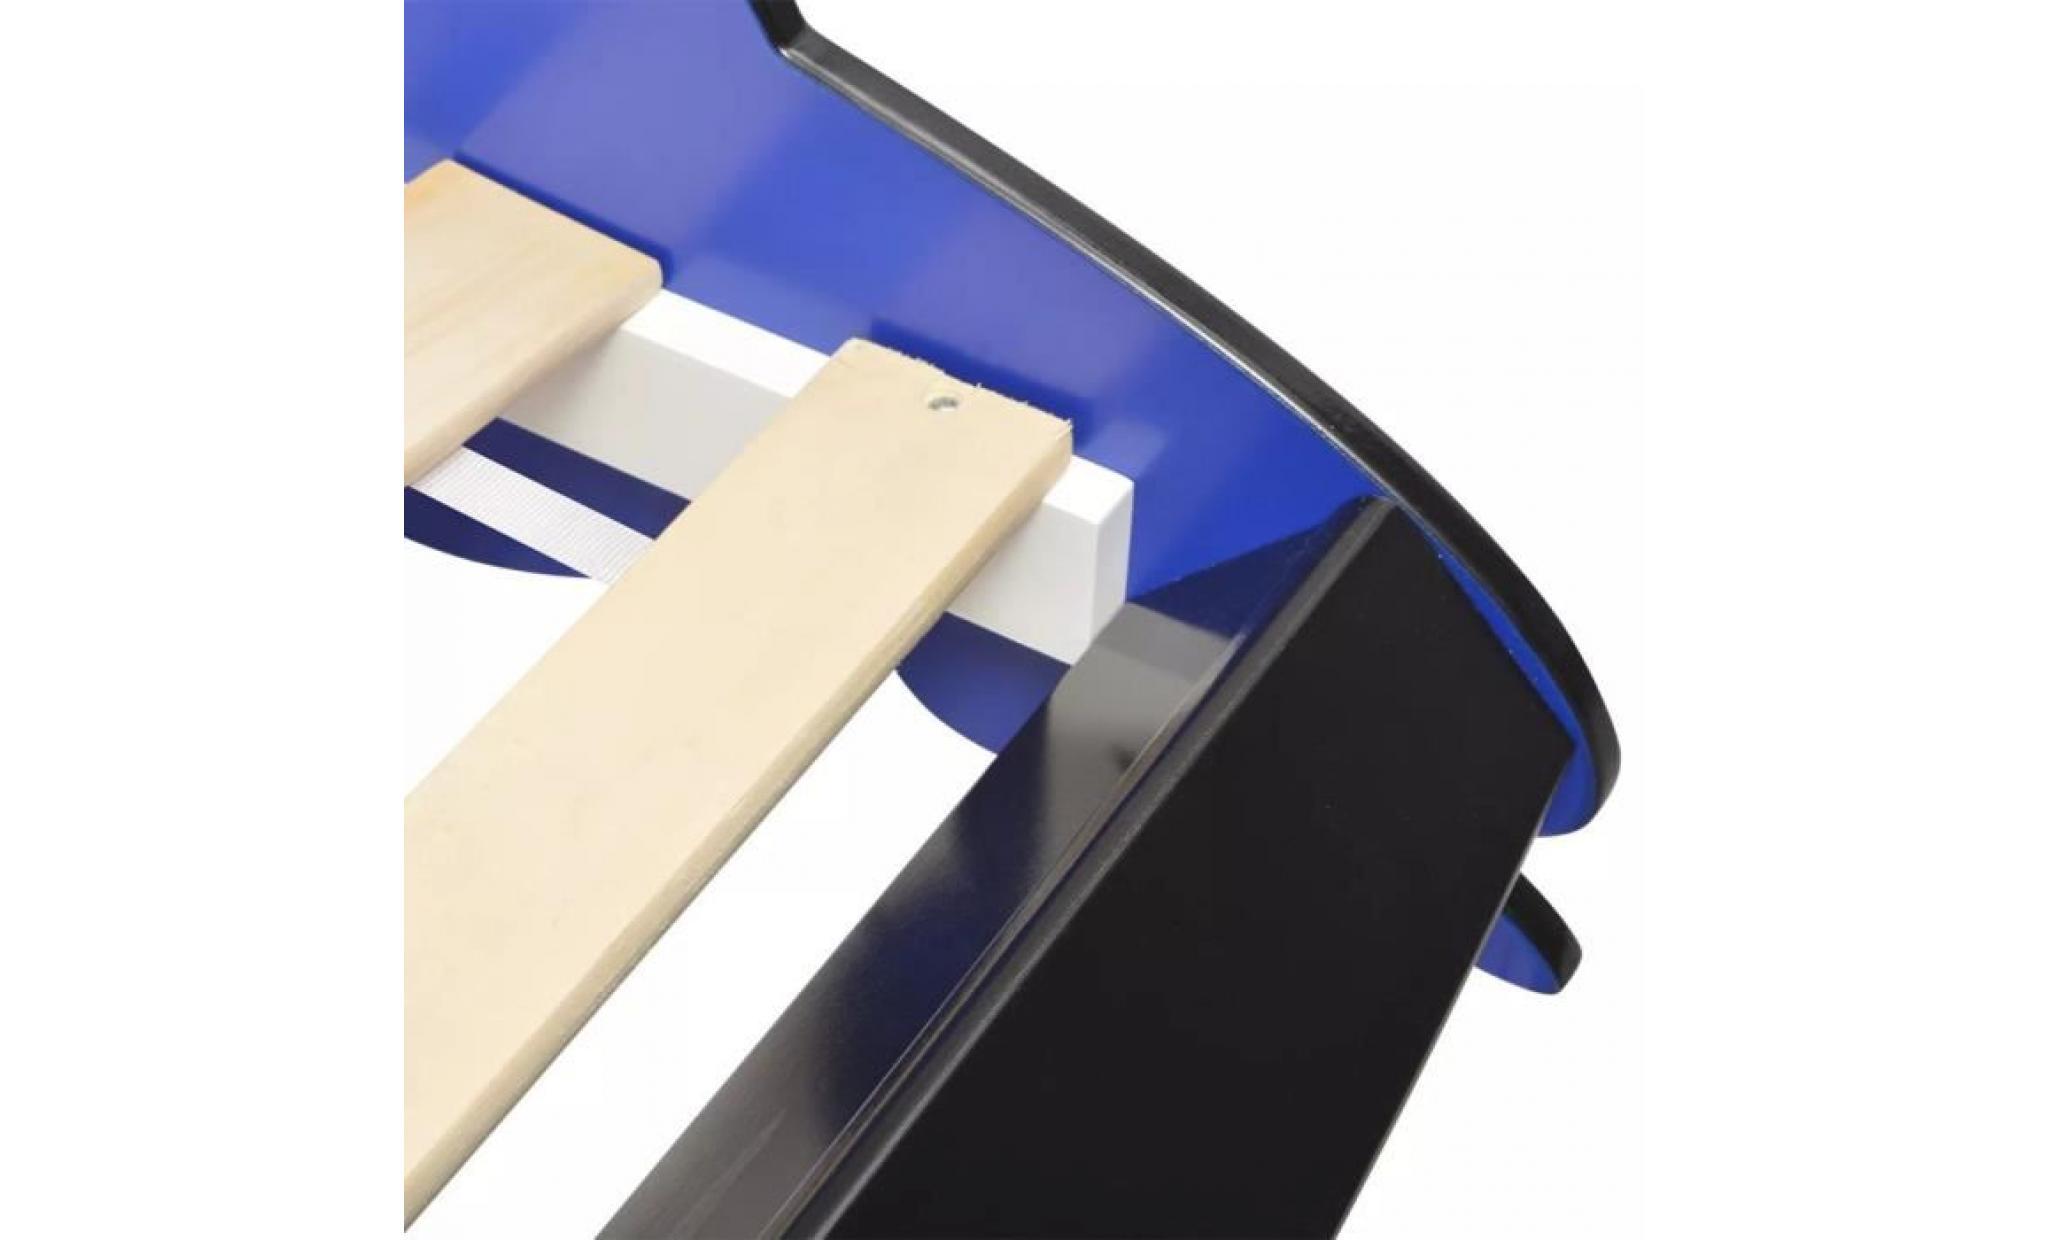 lit voiture de course lit enfant contemporain scandinave pour enfants 90 x 200 cm bleu lit adulte achat vente structure de lit pas cher couleur et design fr